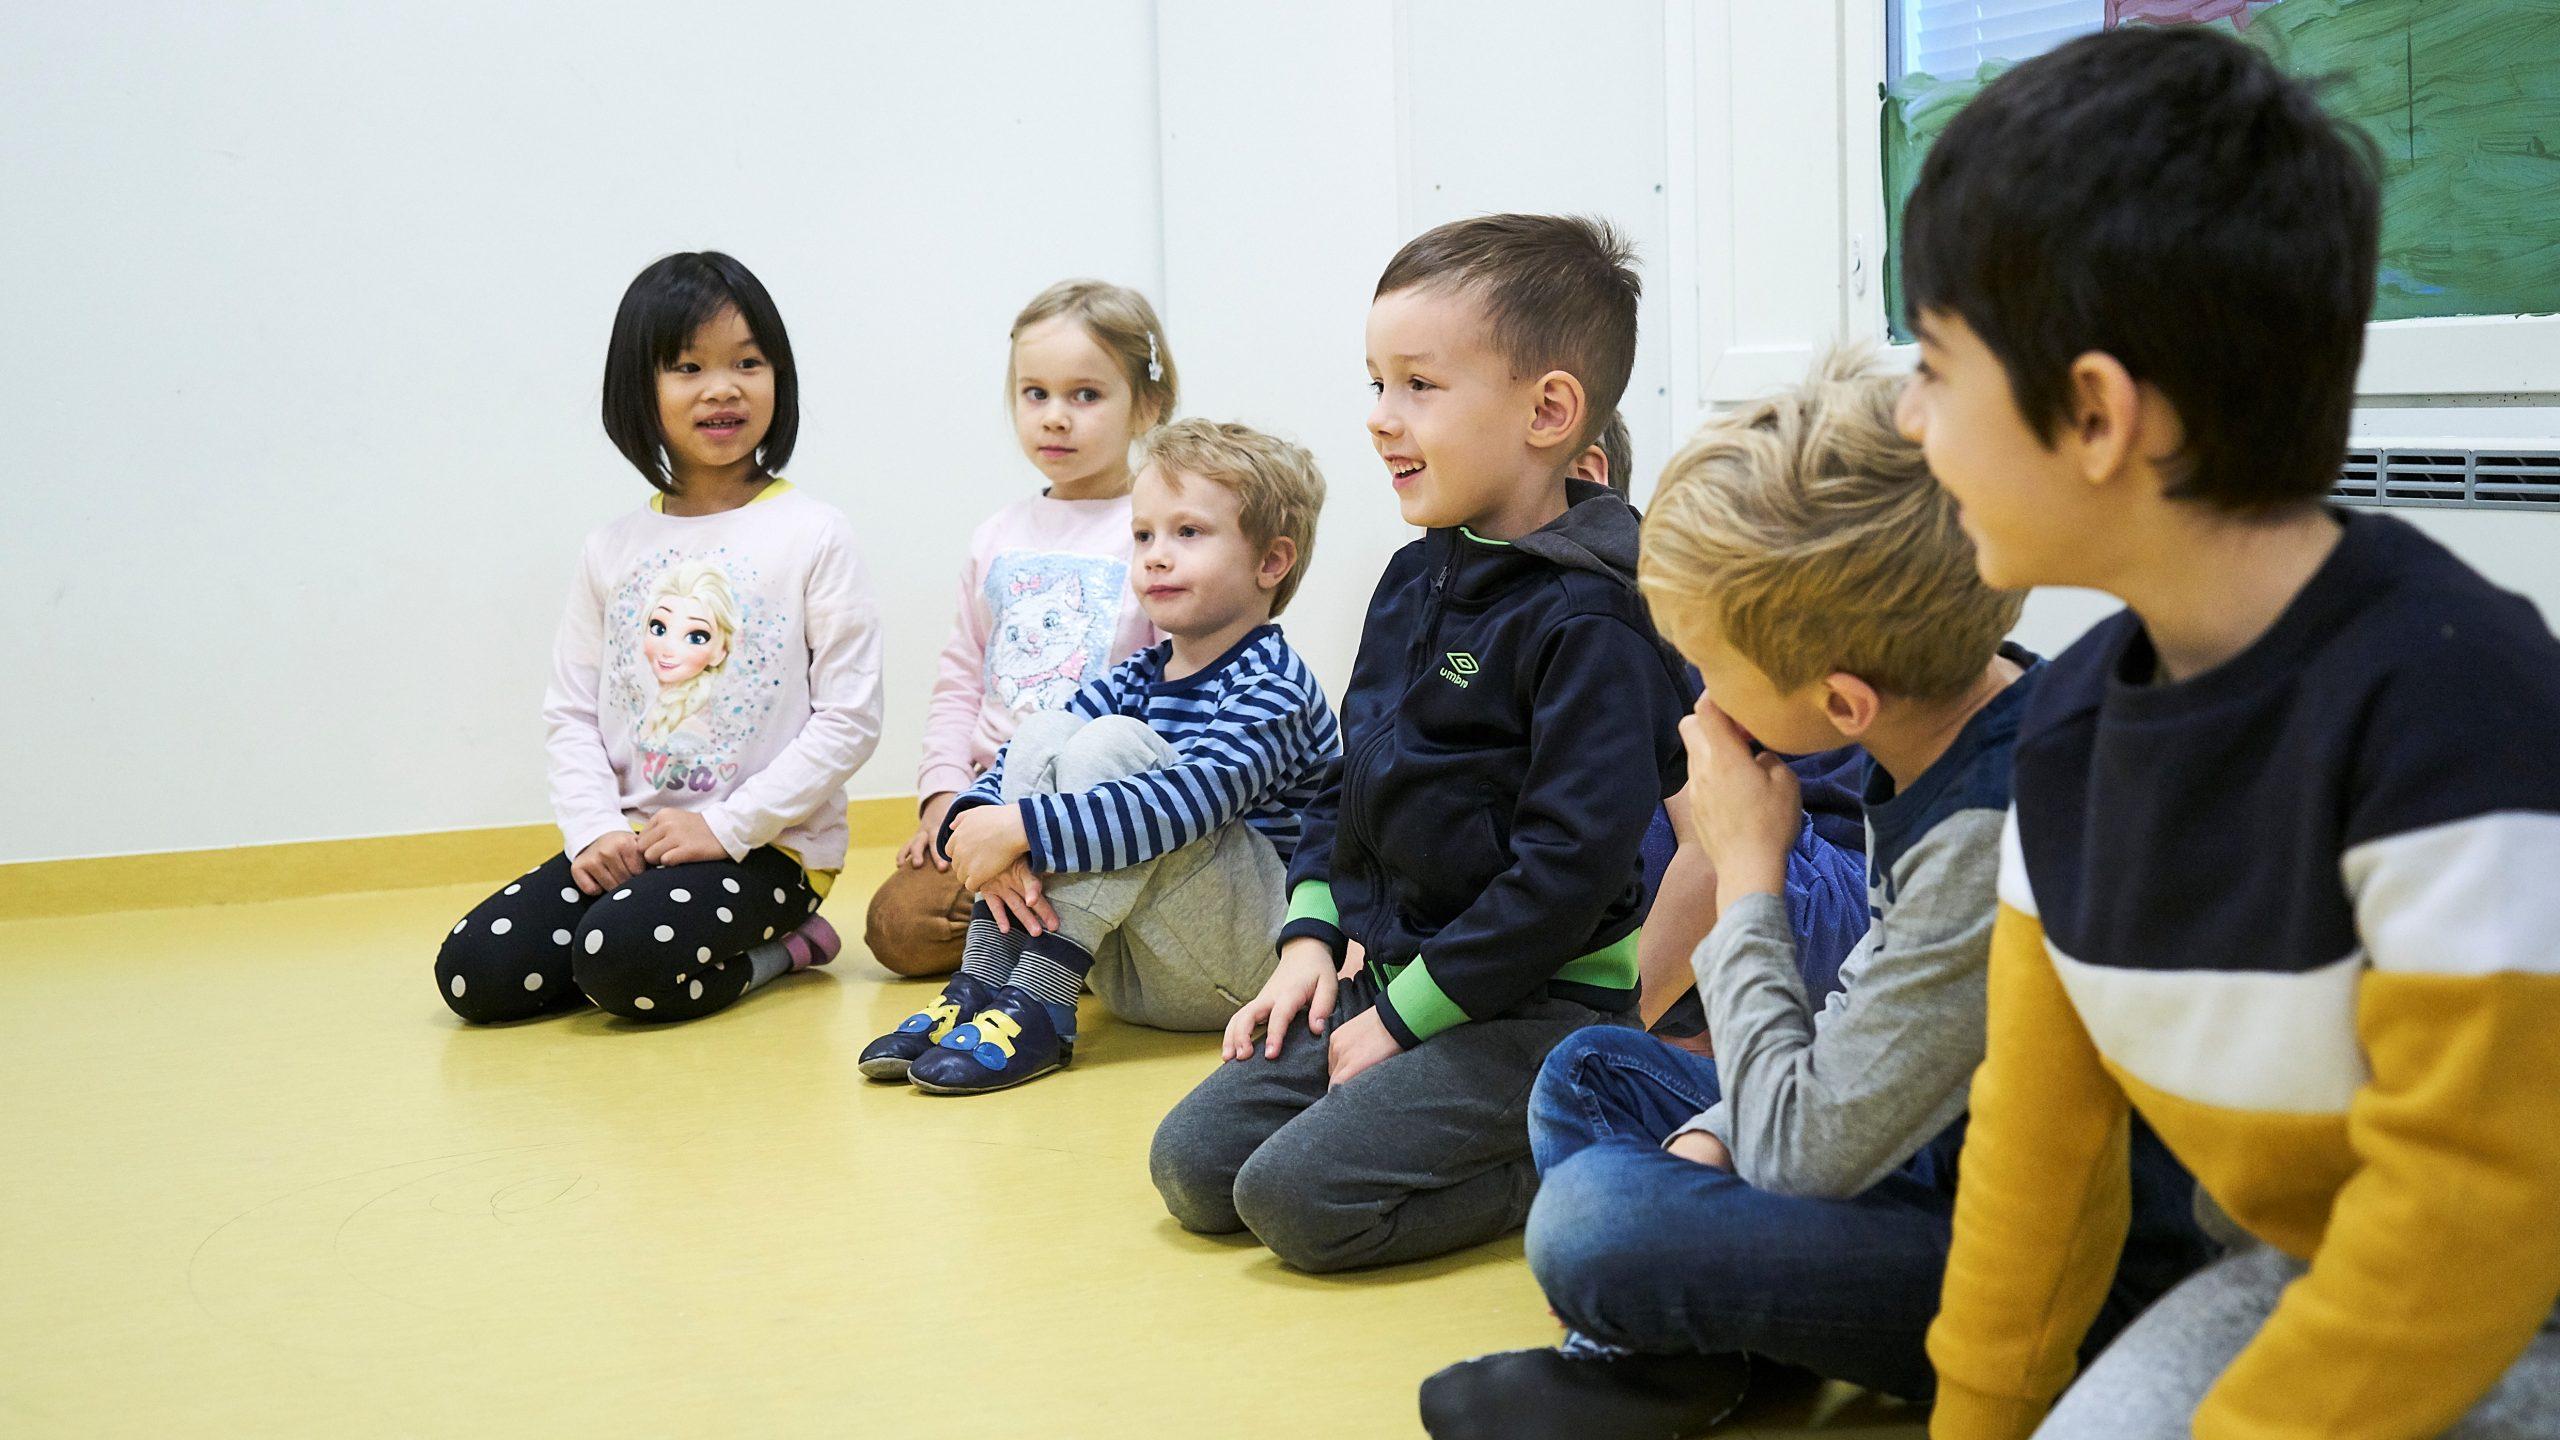 Turvallinen osallisuus varhaiskasvatuksessa on jokaisen lapsen oikeus